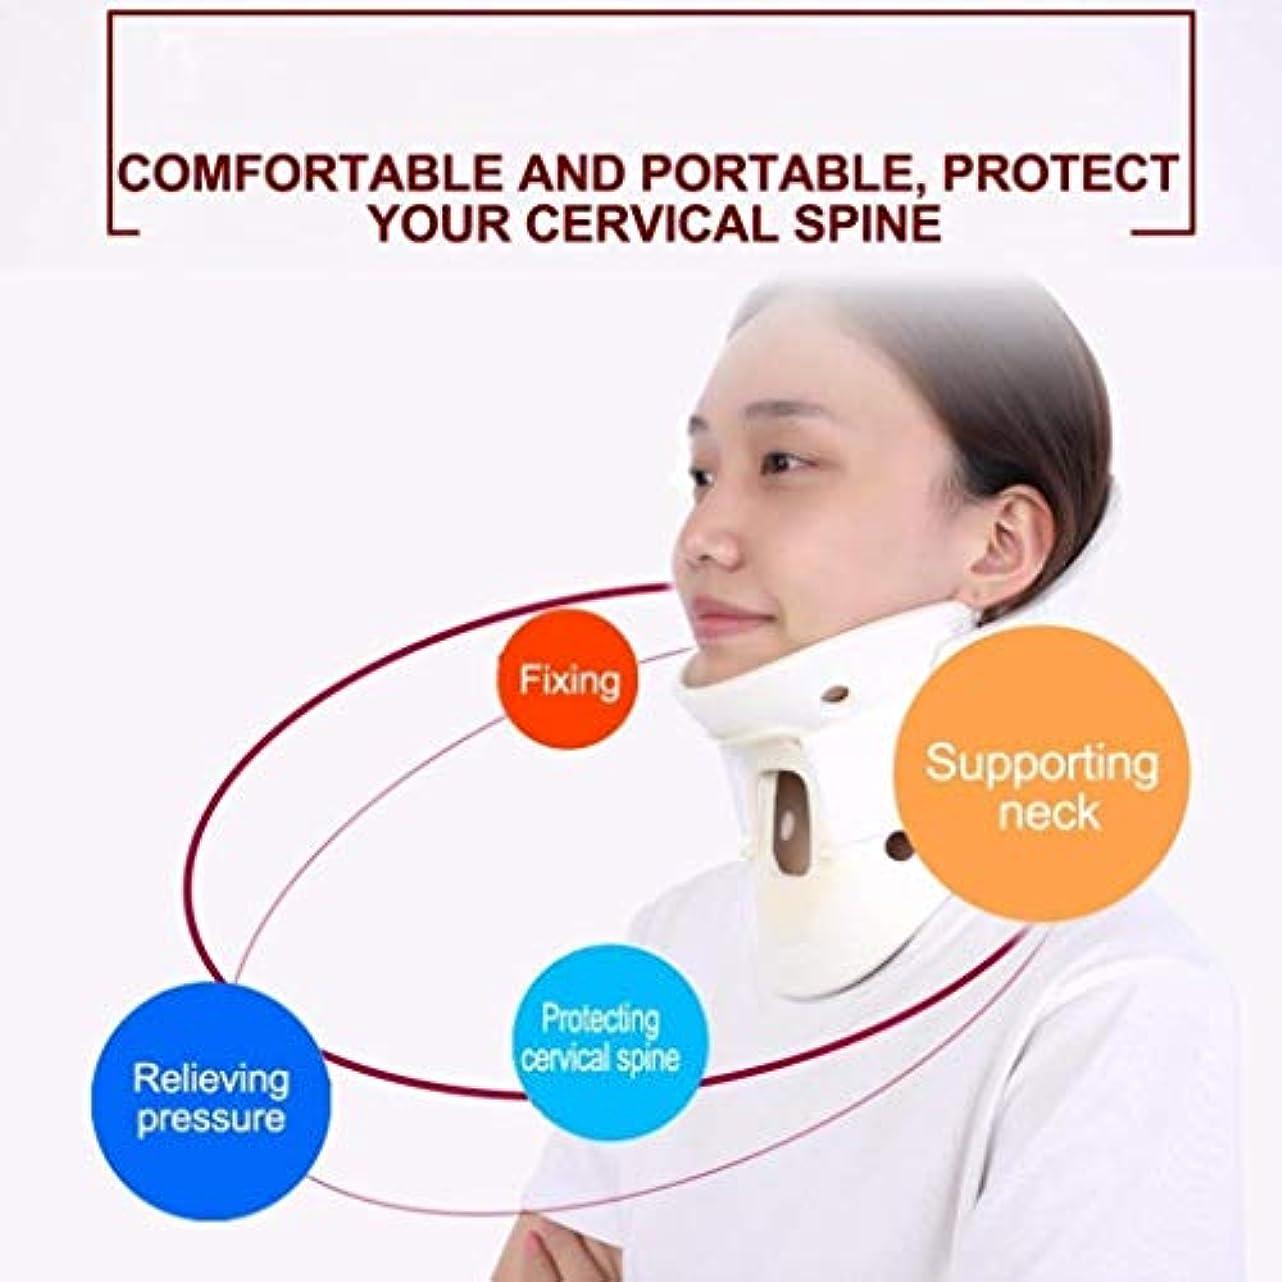 マーク酔っ払い詳細にネックマッサージャー、通気性ネックサポートケアツール、ホームマッサージ頸椎、圧力/痛みを和らげる、医療ネックトラクションリングホルダー